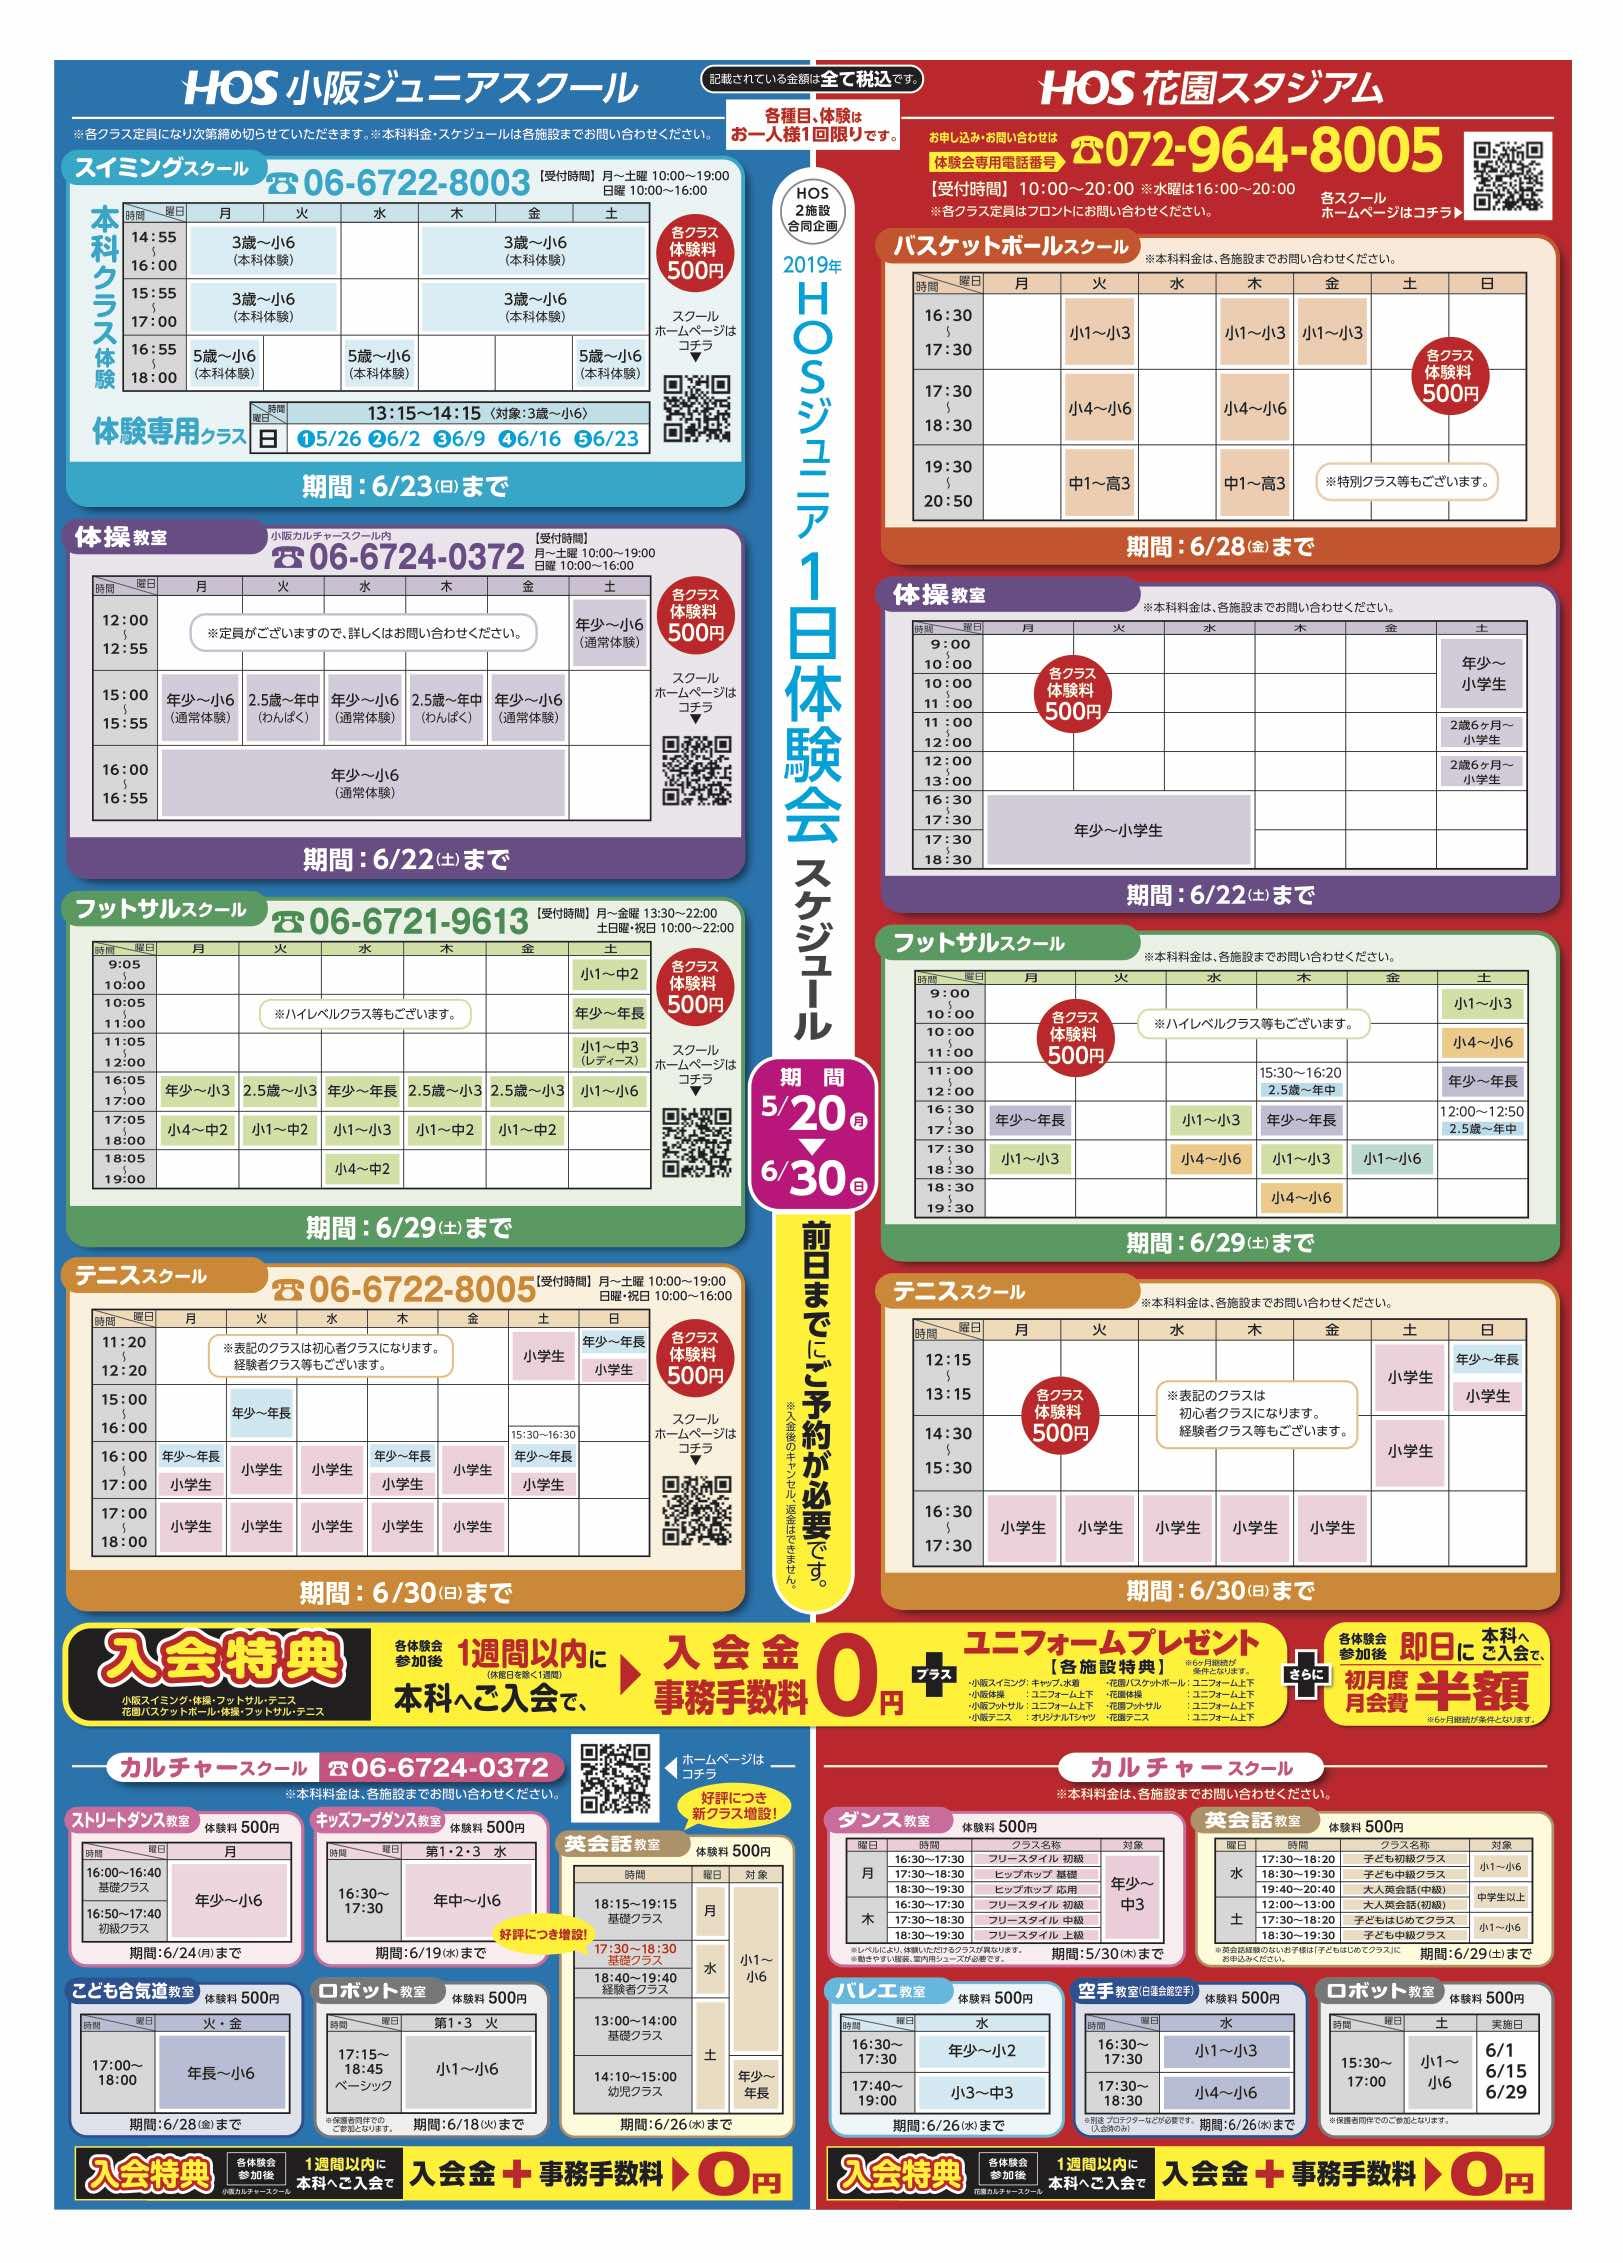 201905-kosaka-hanazono-jr-02